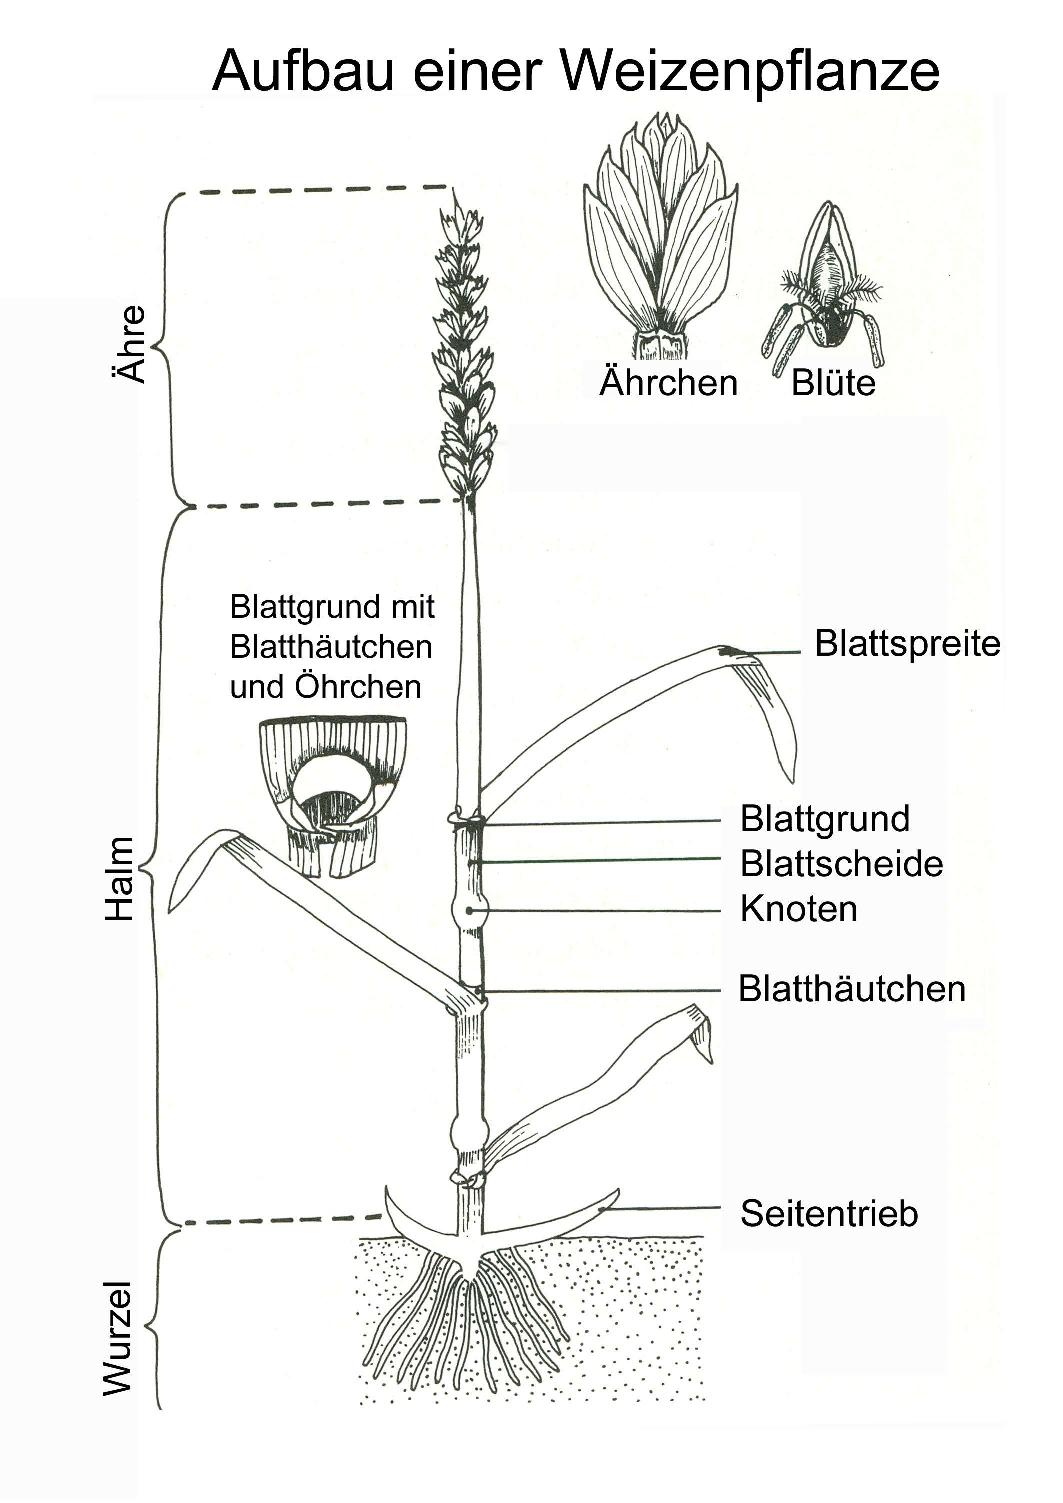 Aufbau einer Weizenpflanze – Unterrichtsmaterial im Fach Biologie ...